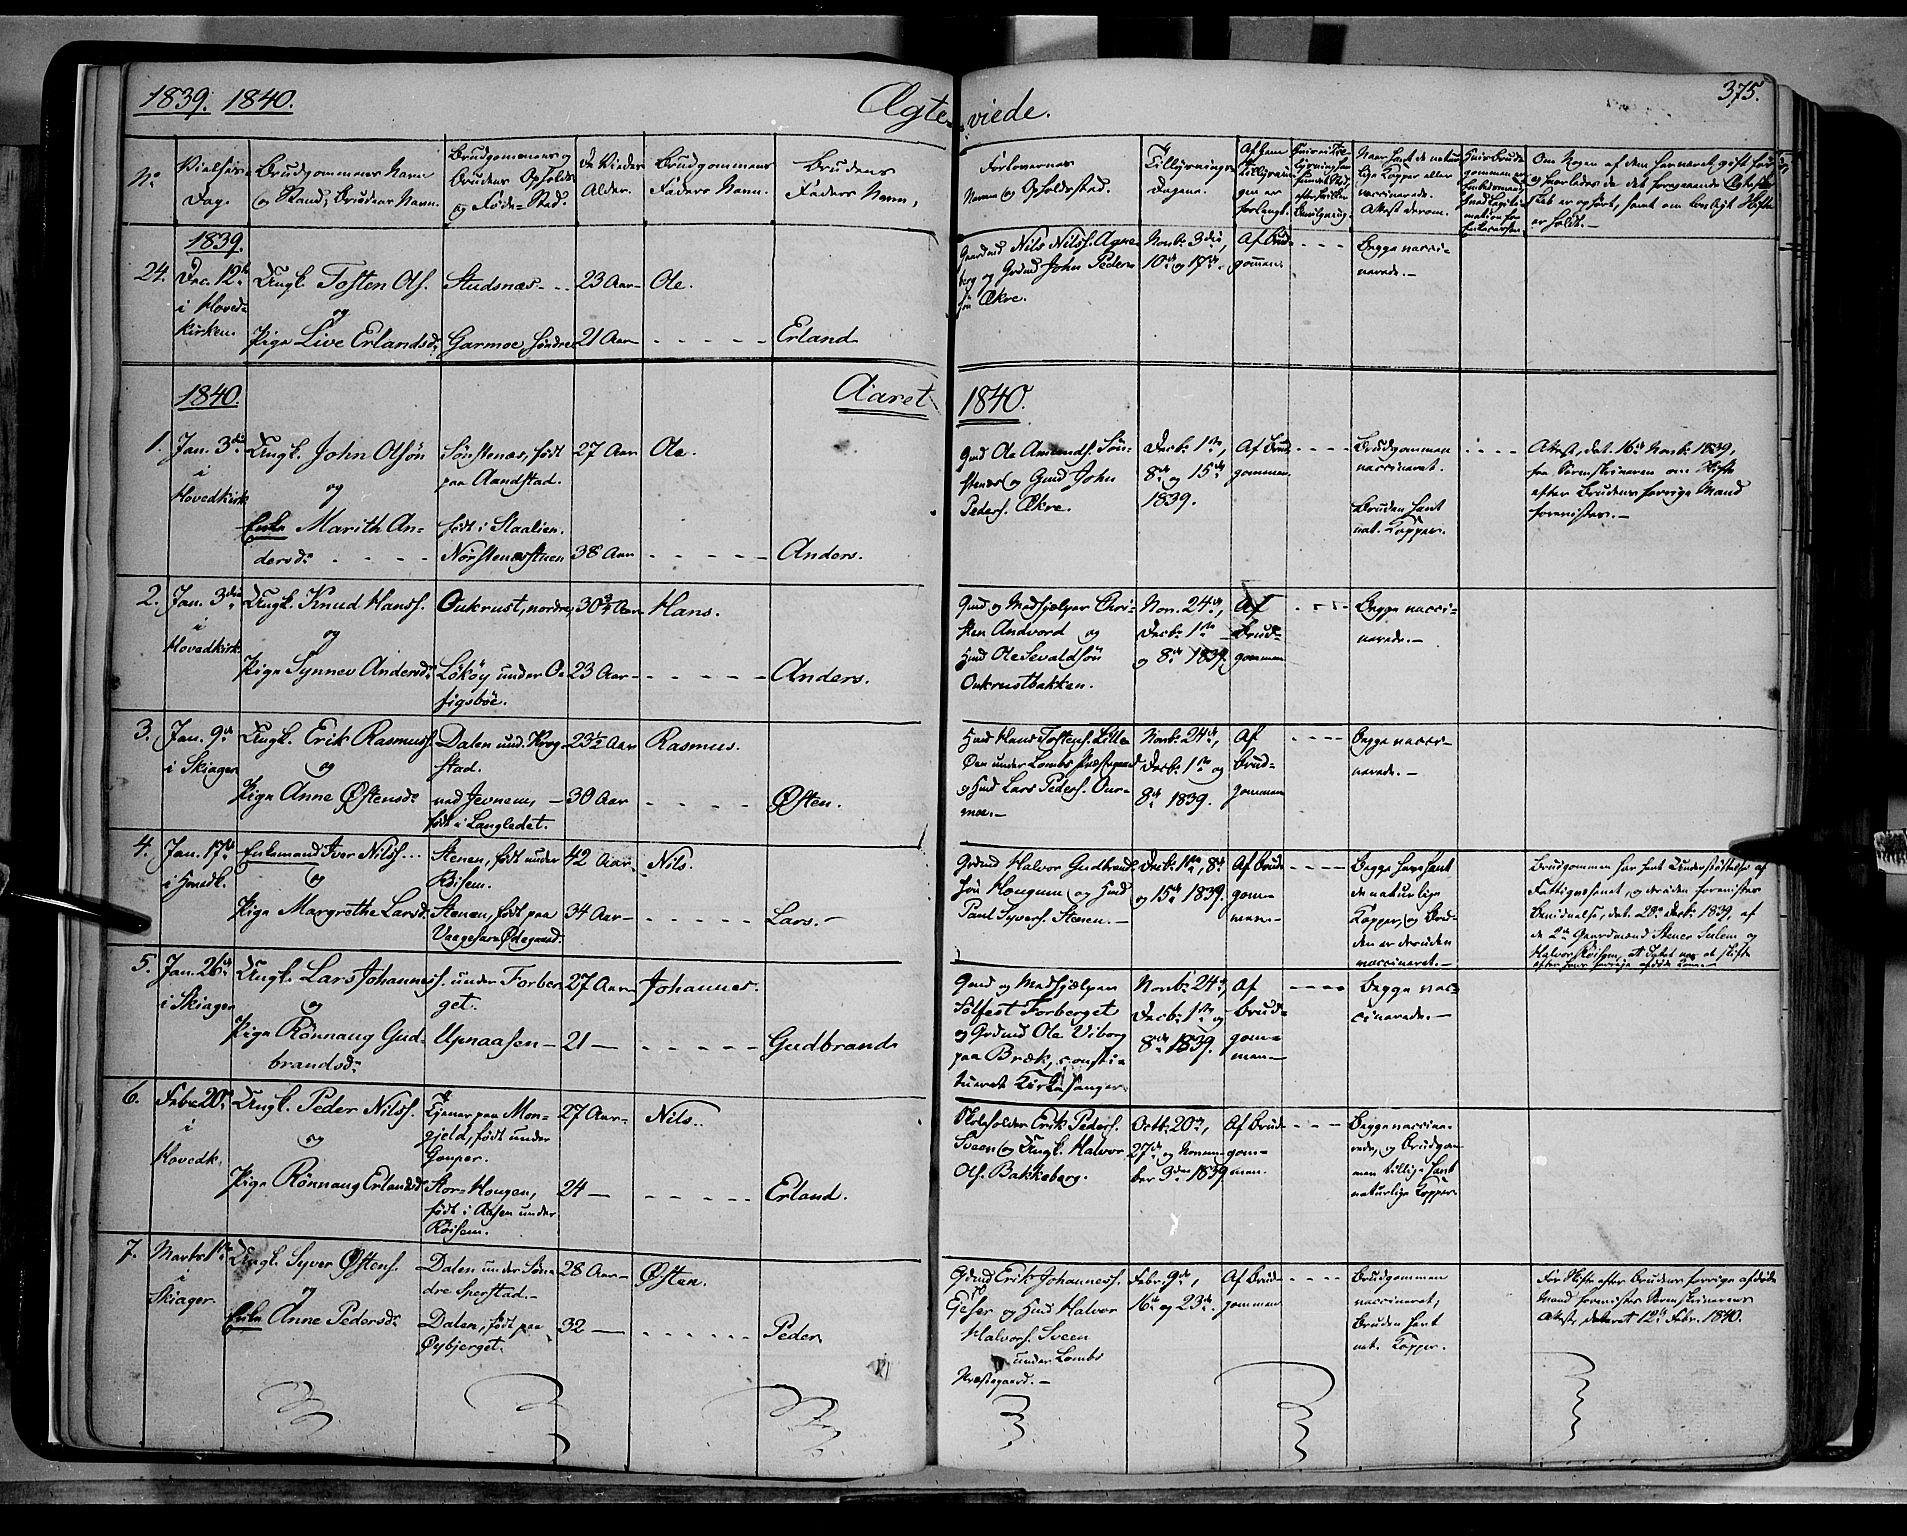 SAH, Lom prestekontor, K/L0006: Ministerialbok nr. 6B, 1837-1863, s. 375